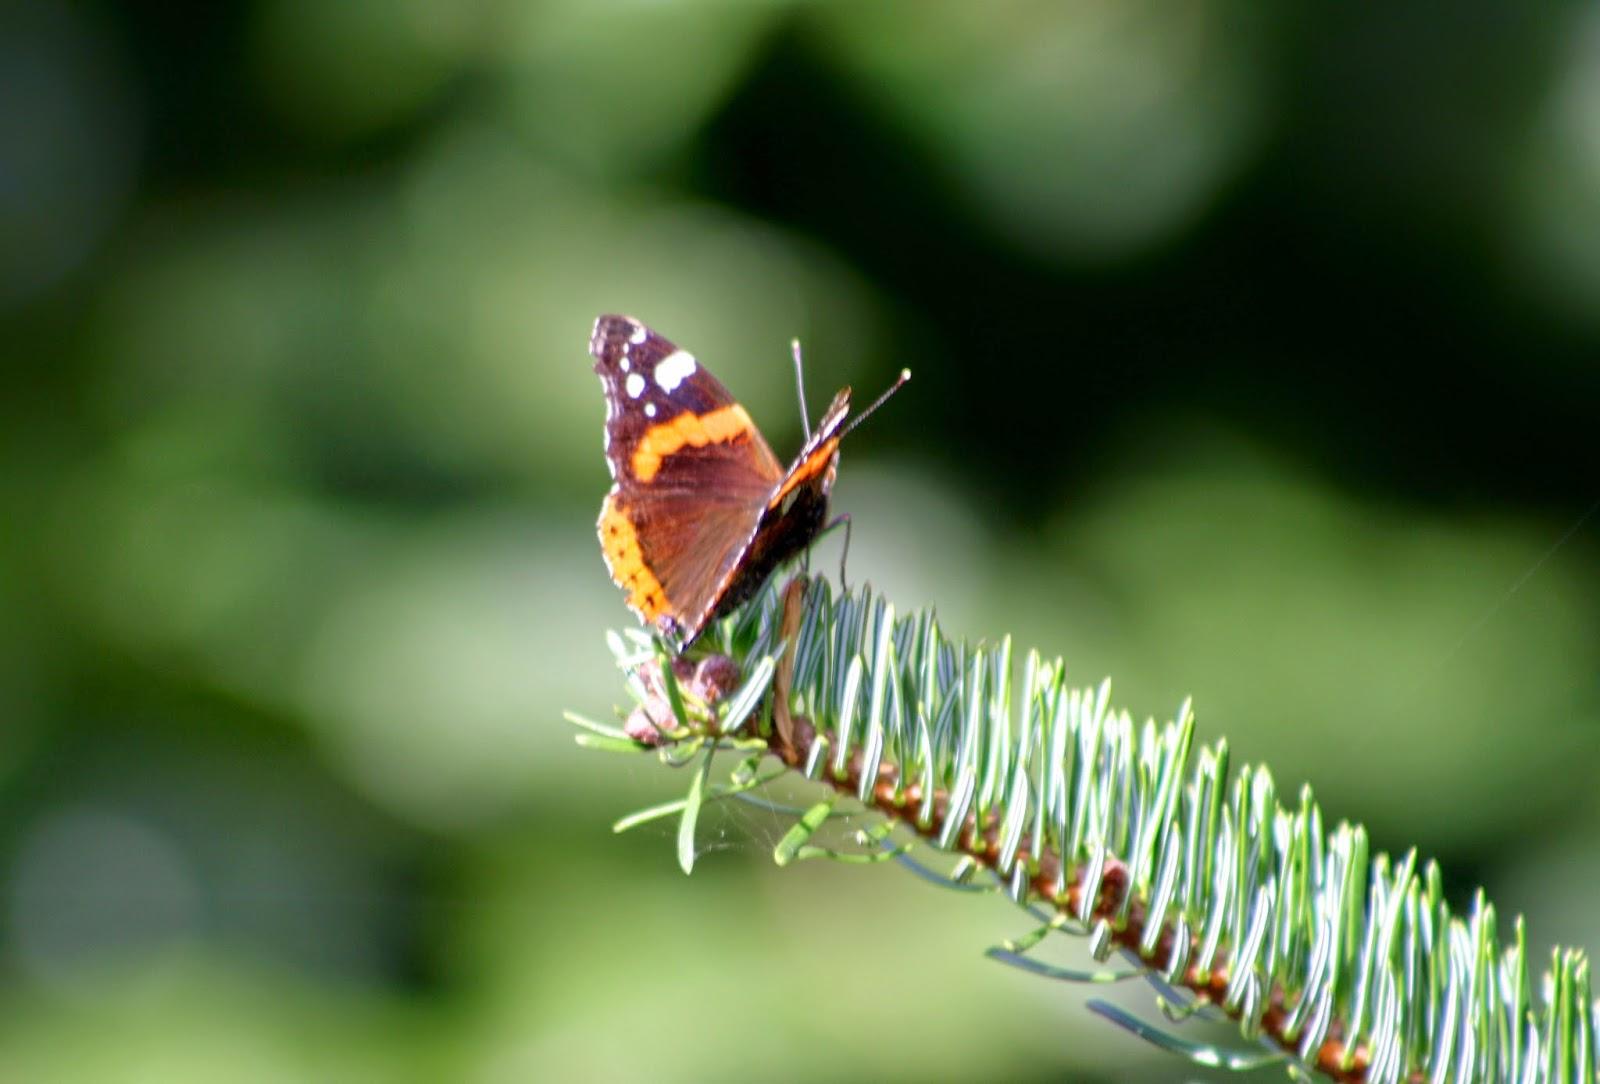 El jard n de margarita insectos auxiliares los tesoros for Insectos del jardin